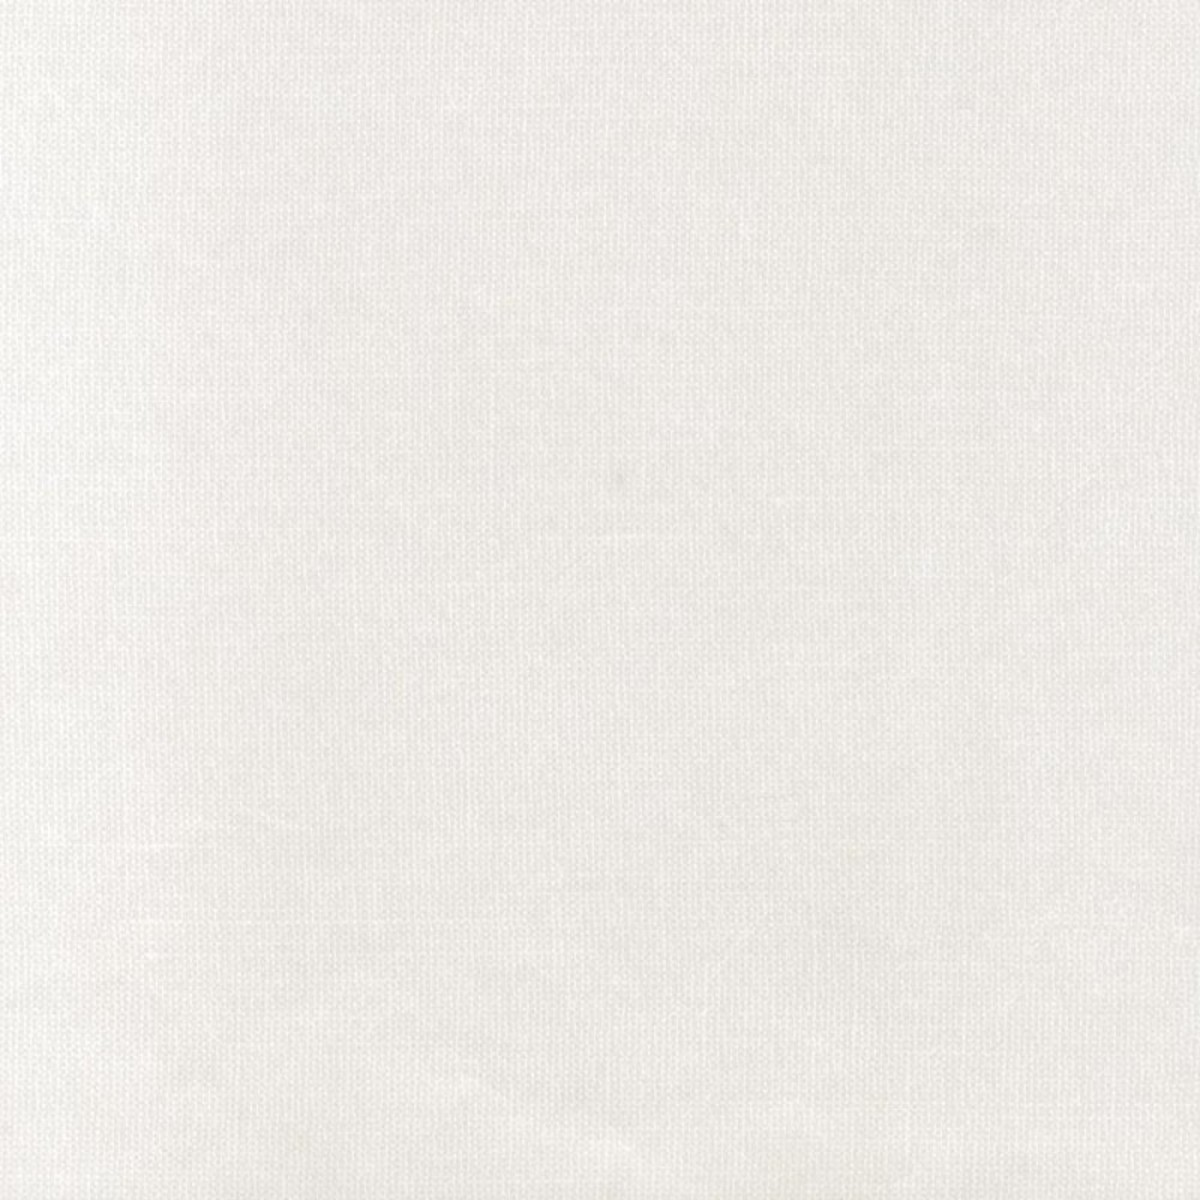 Флизелиновые обои Aura серебряные G56146 0.53 м